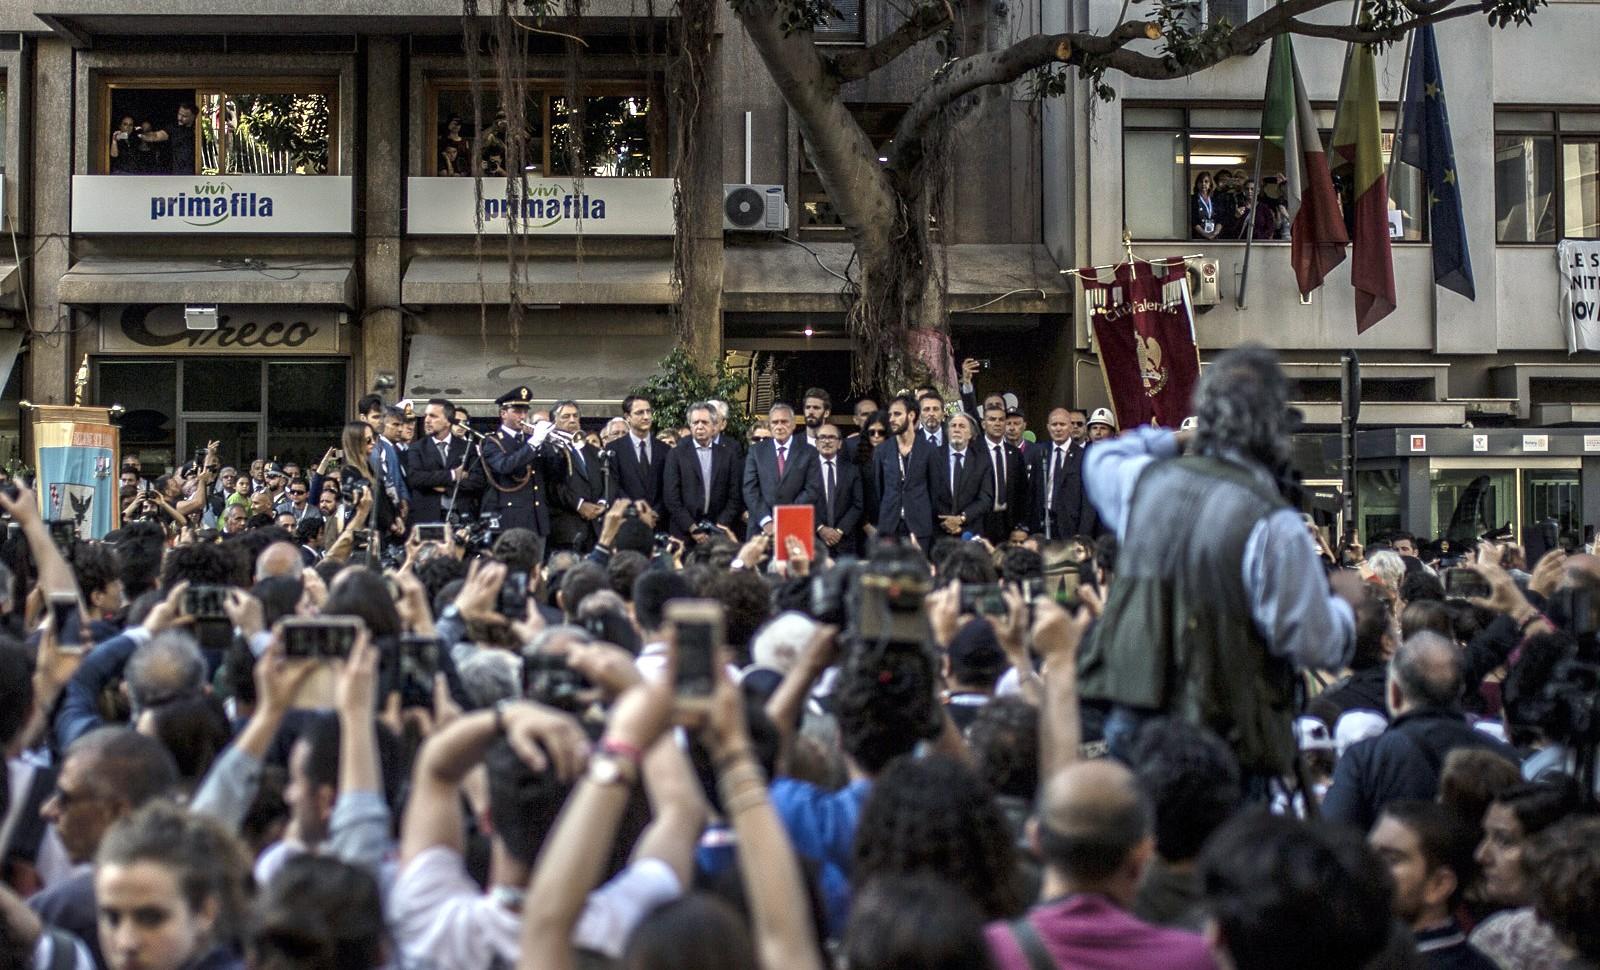 Marche en hommage au juge Falcone, vingt-six ans après son assassinat par la mafia sicilienne, Palerme, 23 mai 2018. © Victoria Herranz/NurPhoto/AFP